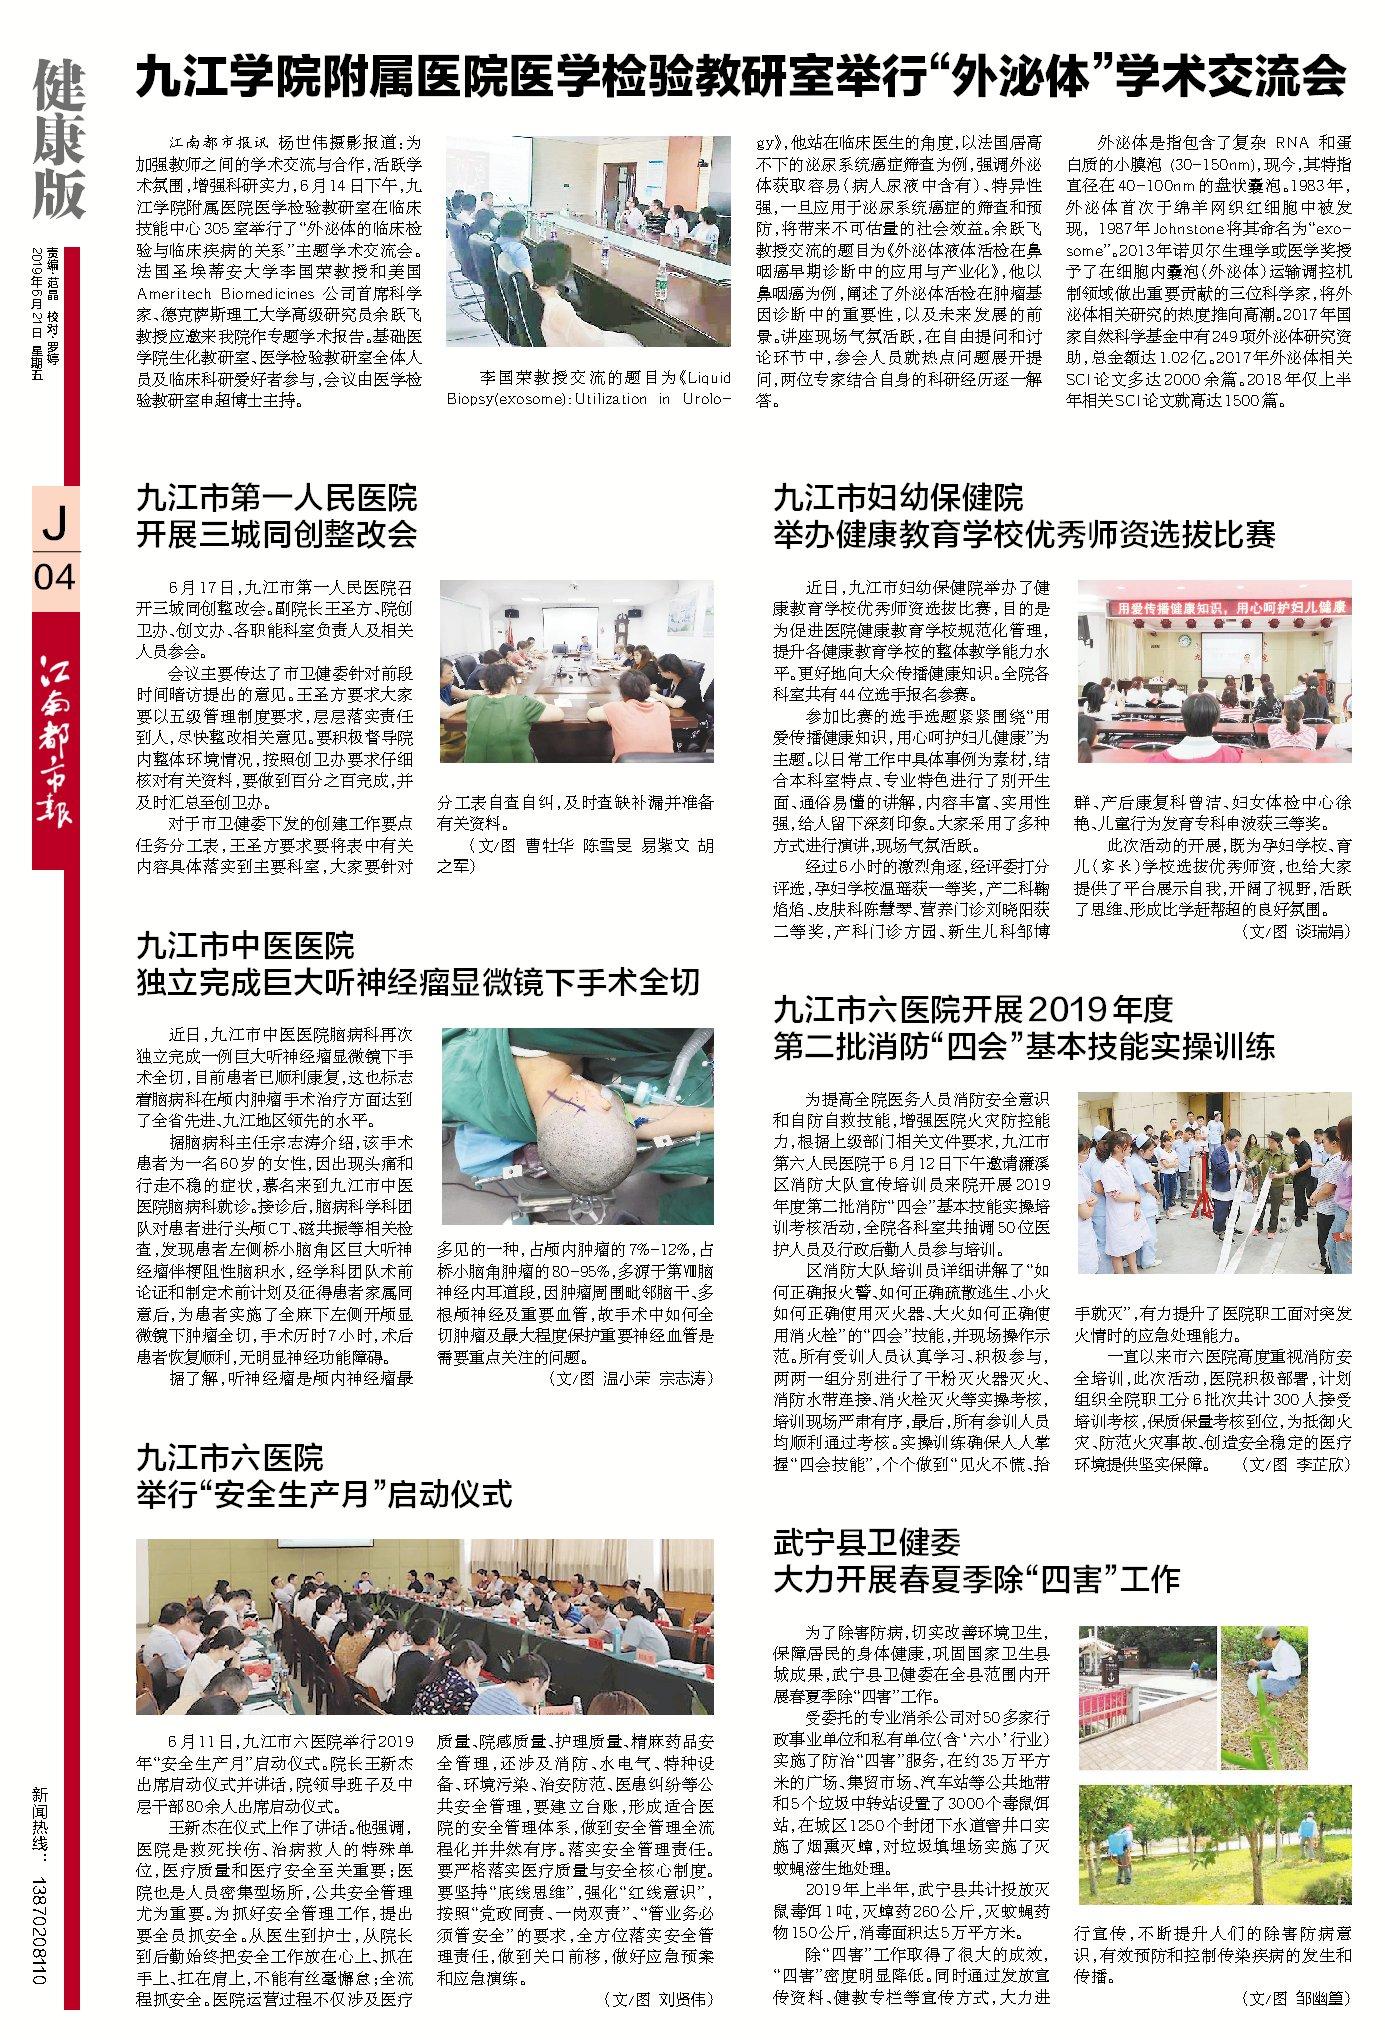 2019年6月21日江南都市报《亚博体育app苹果新闻》健康版